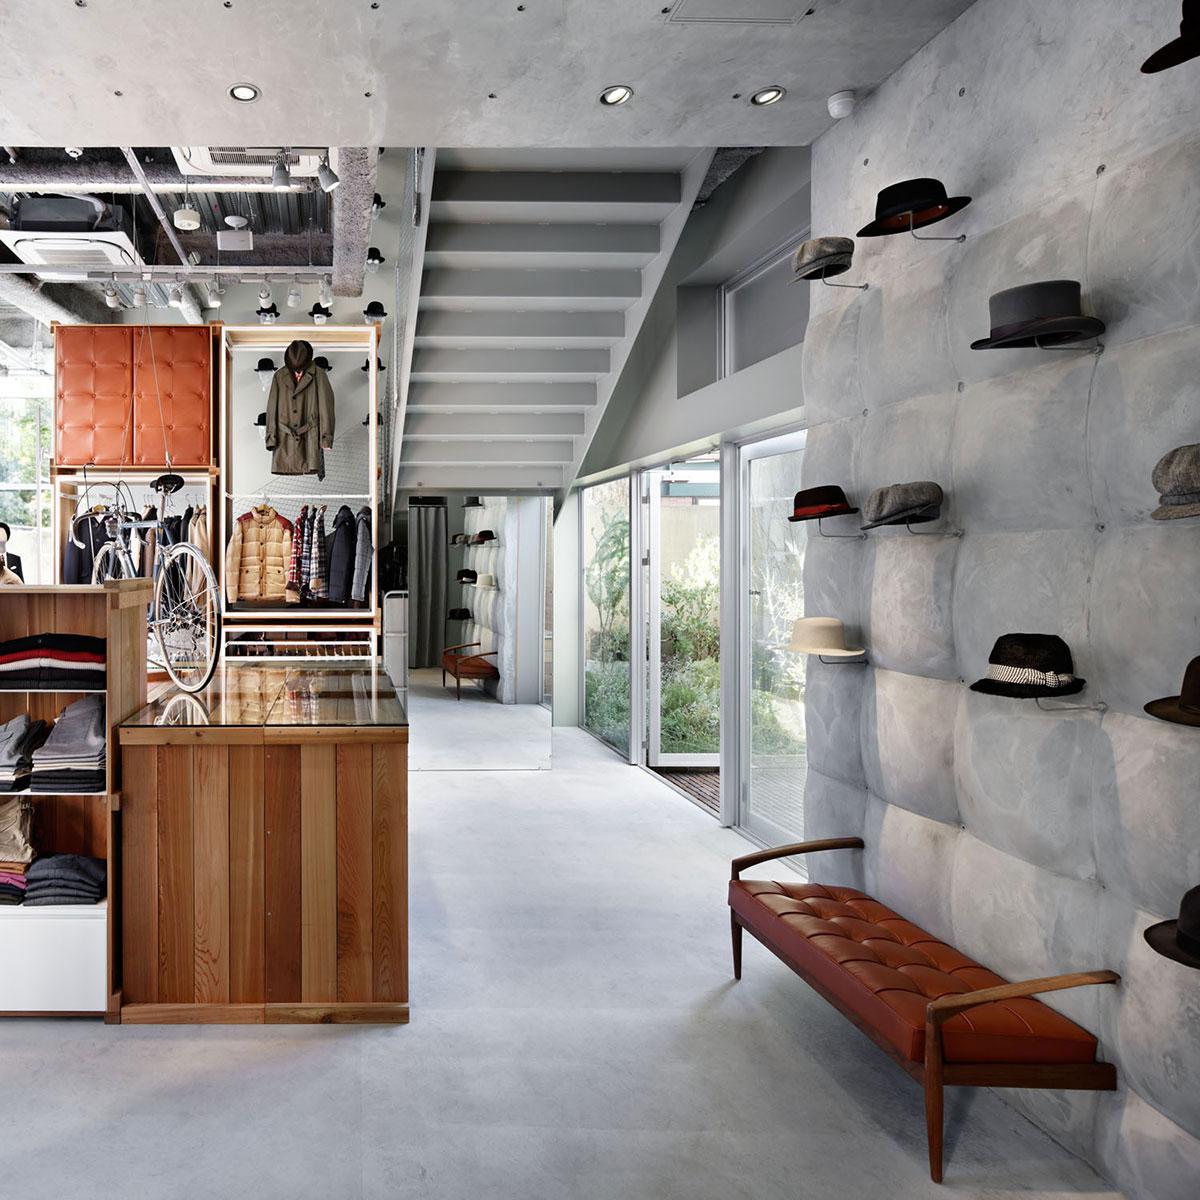 Takeo Kikuch Shibuya by Jo Nagasaka/Schemata Architects | Yellowtrace.